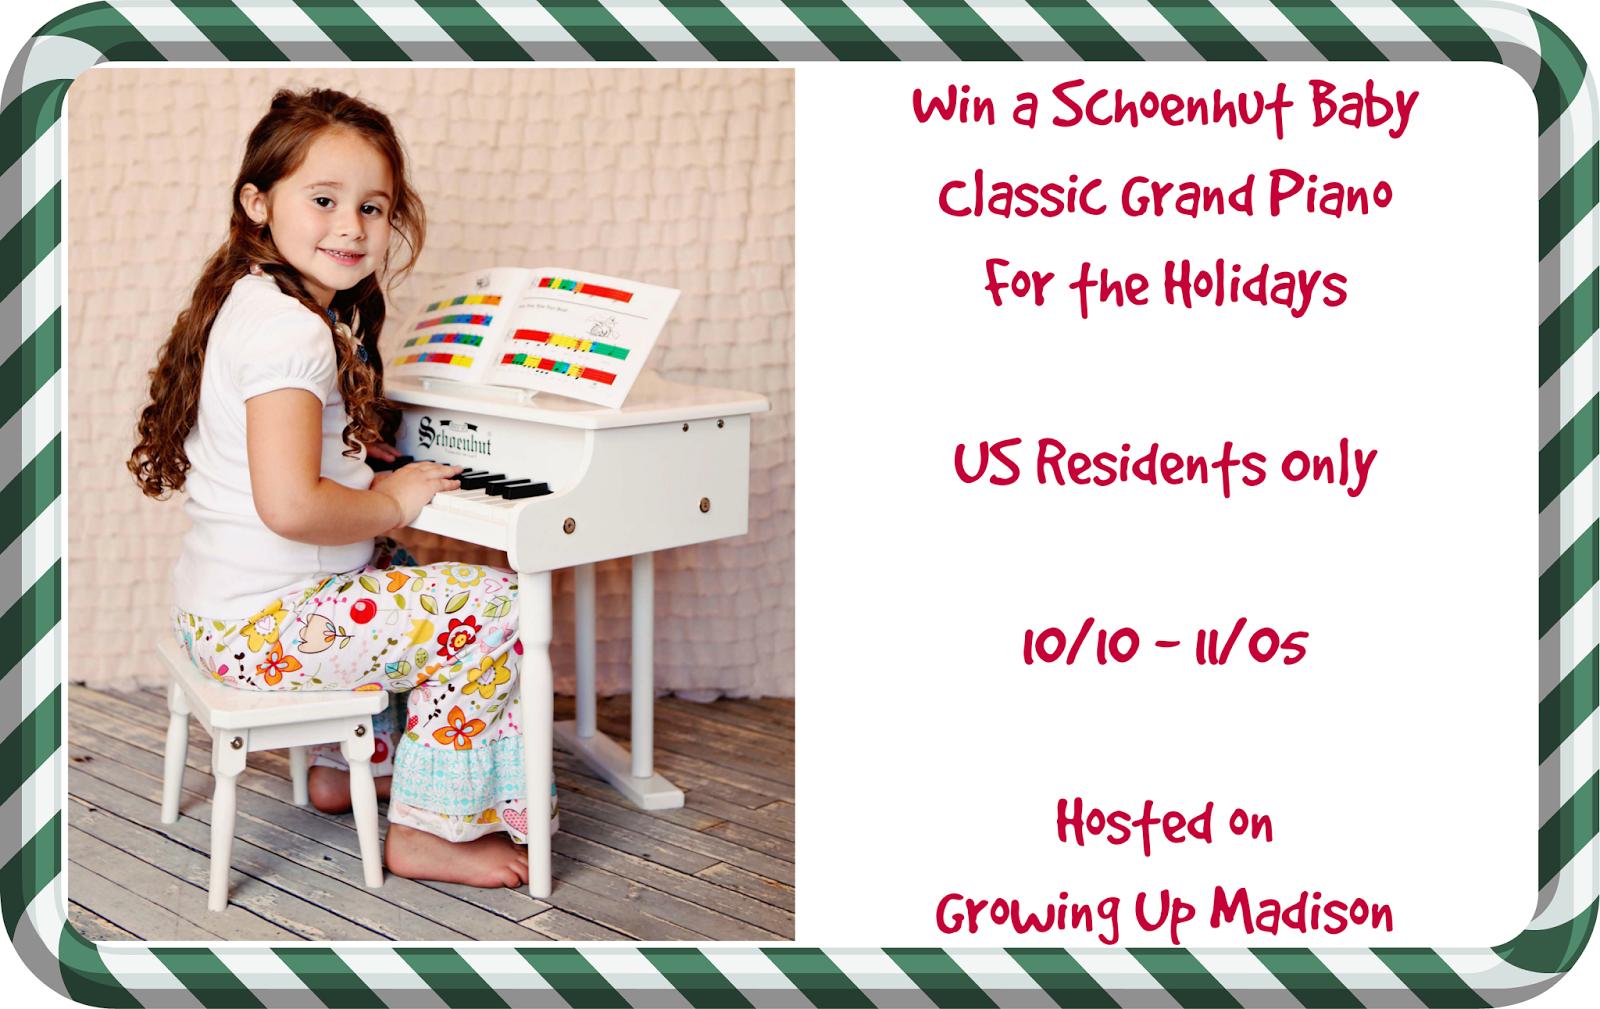 Schoenhut Baby Classic Grand Piano